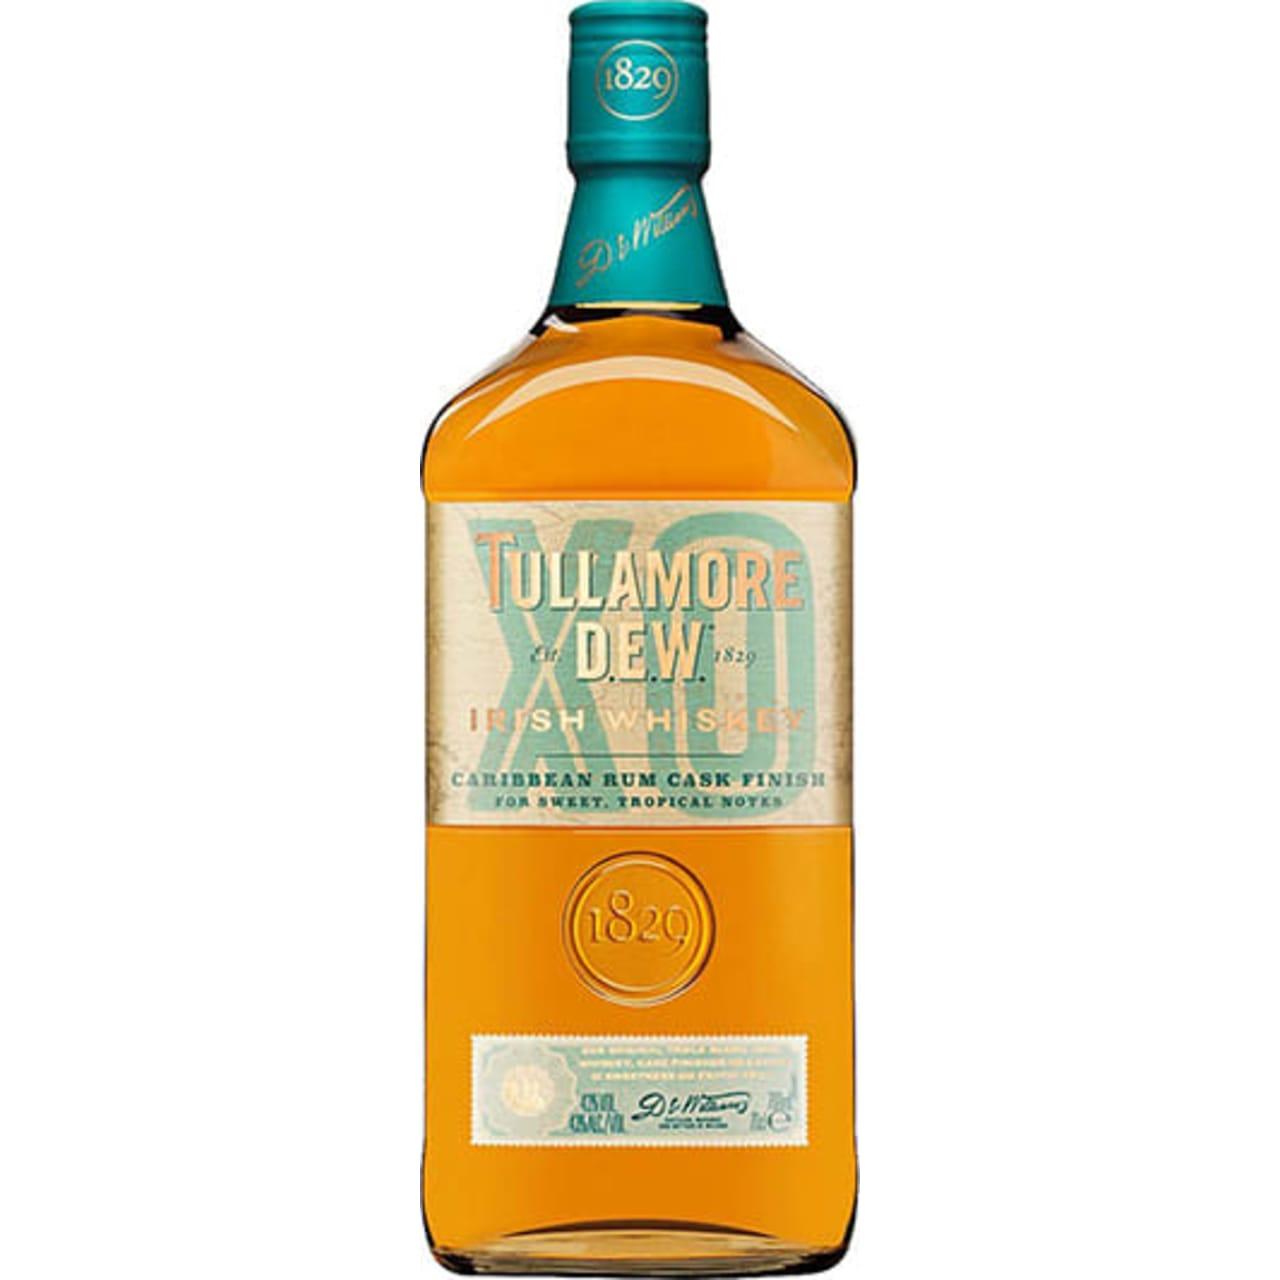 Product Image - Tullamore Dew XO Rum Cask Finish Whiskey